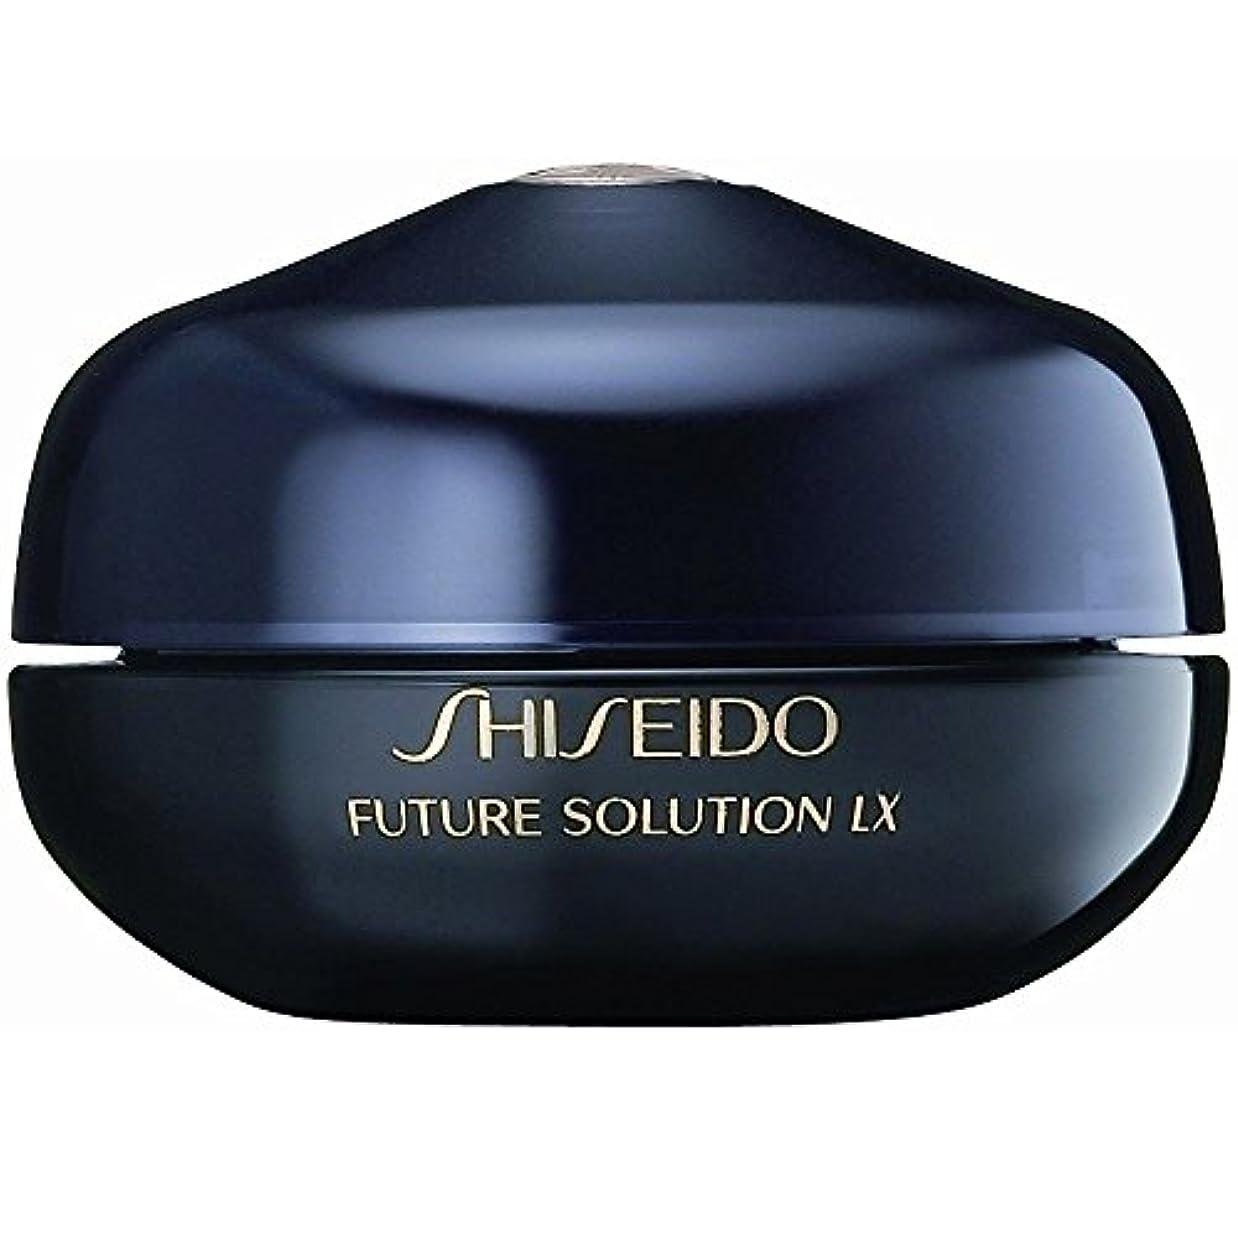 彼ら縮約侵略[Shiseido] 資生堂フューチャーソリューションLxの目と唇の輪郭再生クリーム15Ml - Shiseido Future Solution Lx Eye And Lip Contour Regenerating...